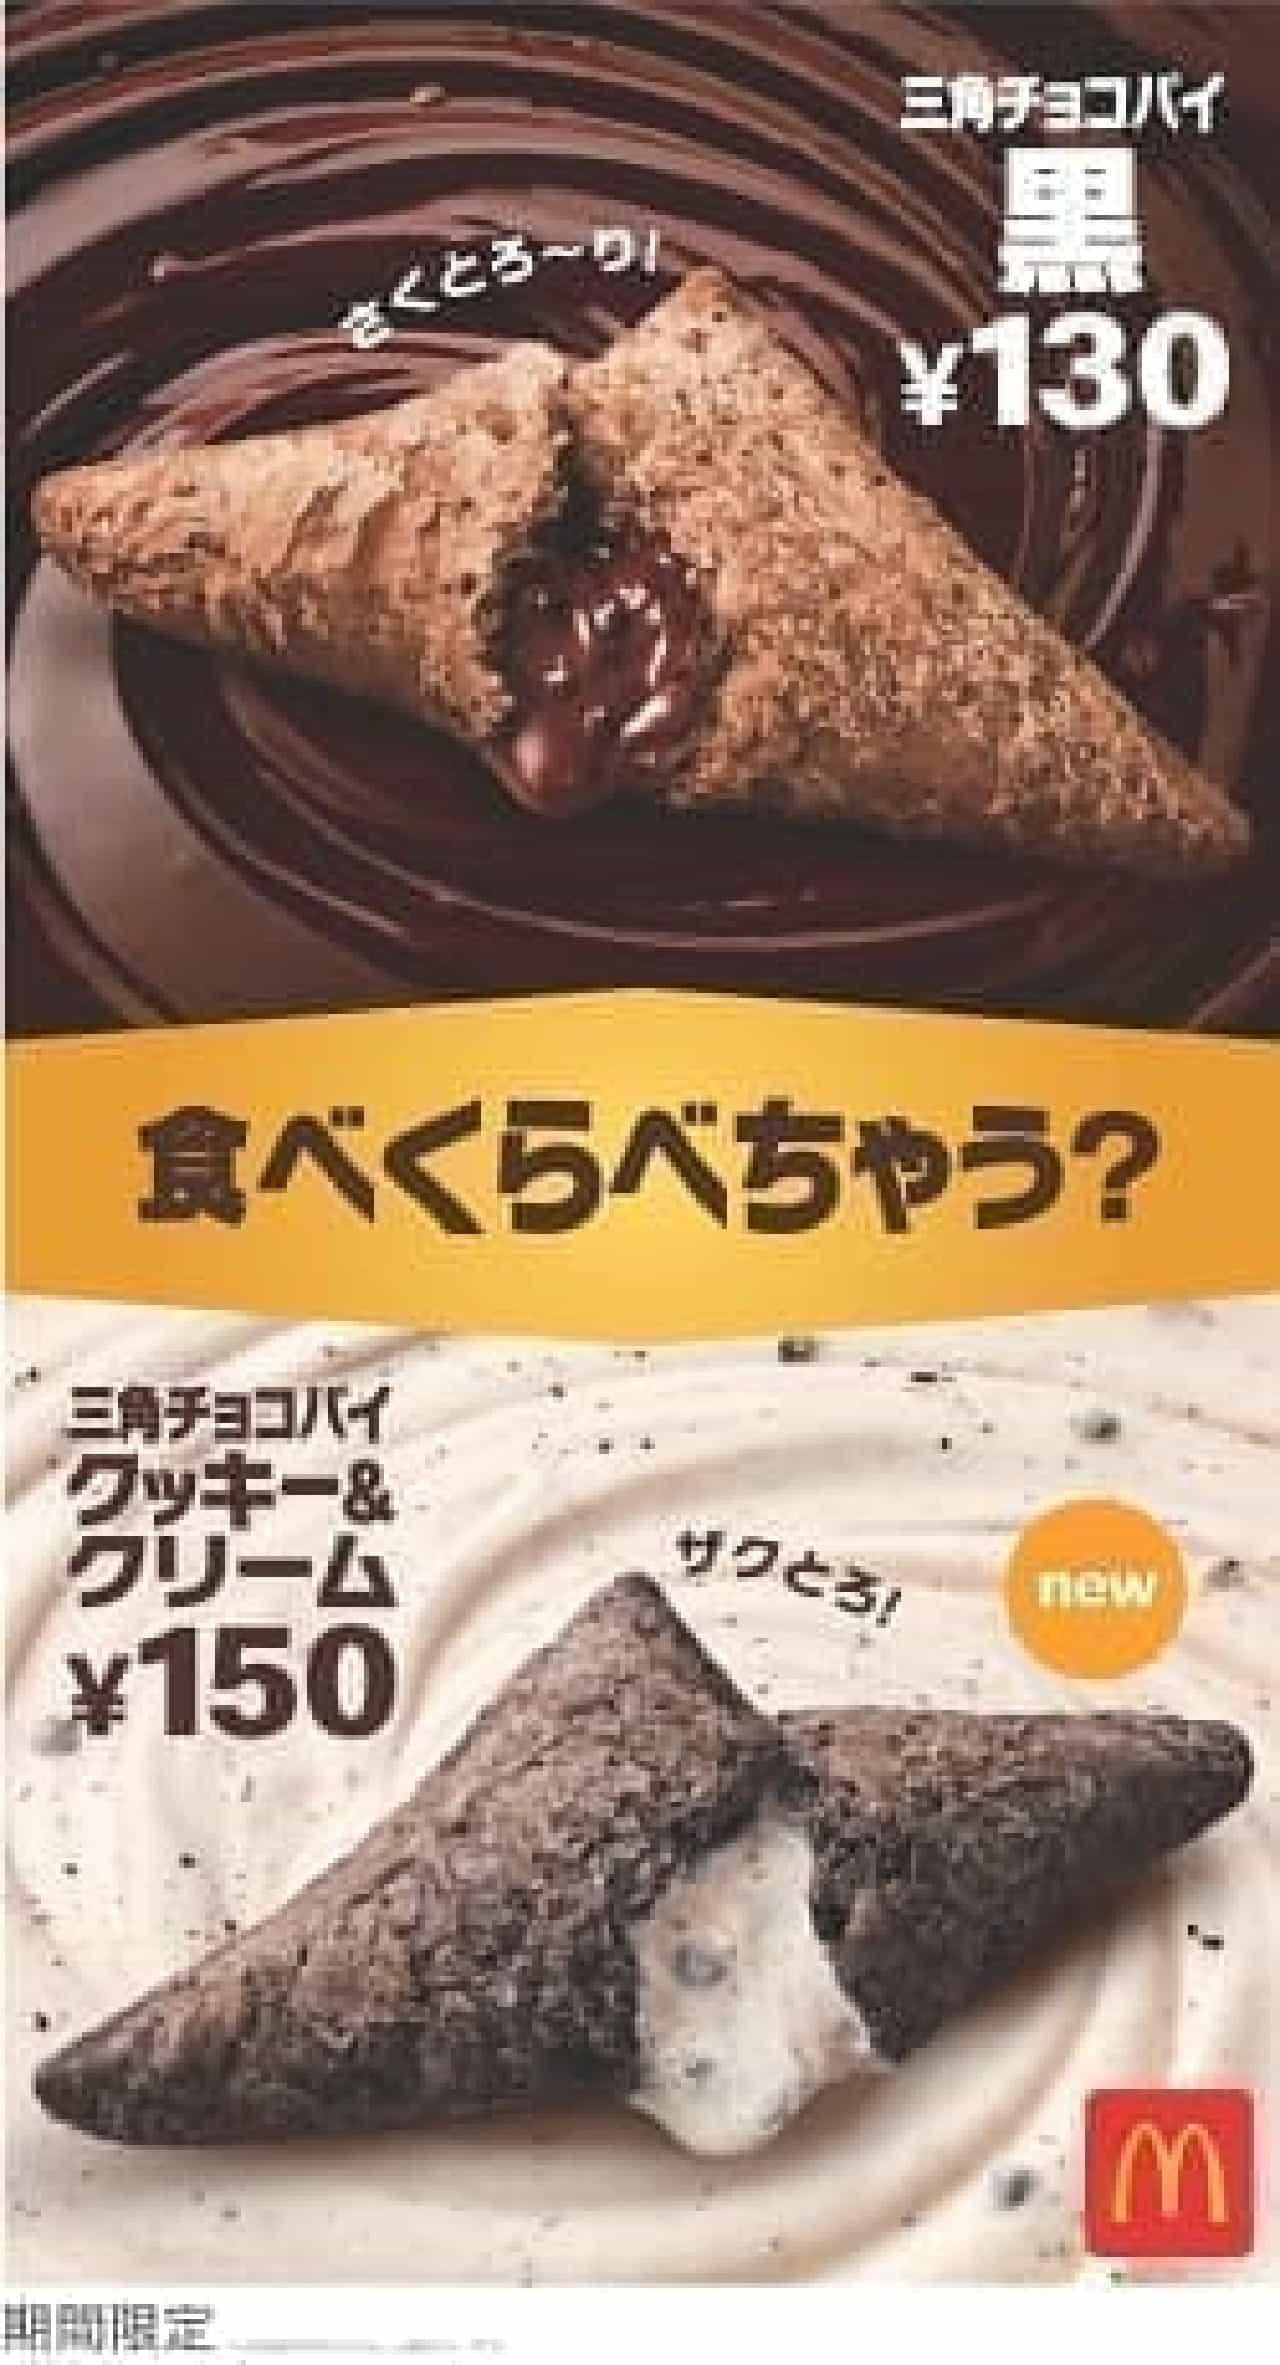 マクドナルド「三角チョコパイ クッキー&クリーム」と「三角チョコパイ 黒」